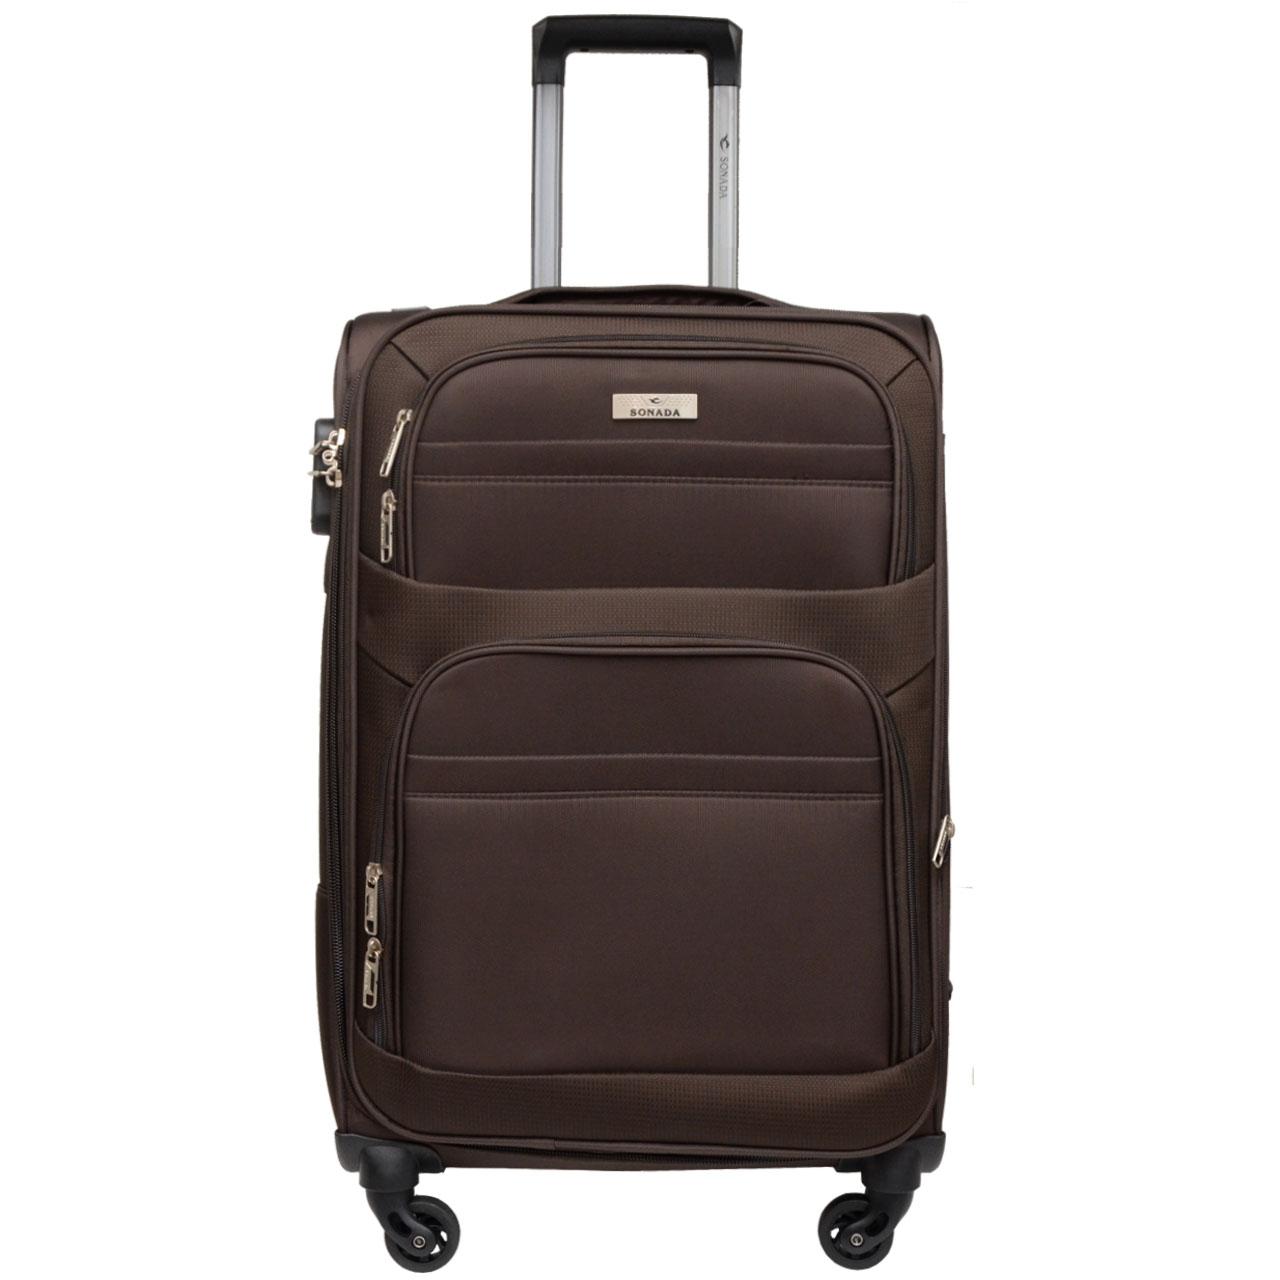 چمدان سونادا مدل CS 97685 سایز متوسط